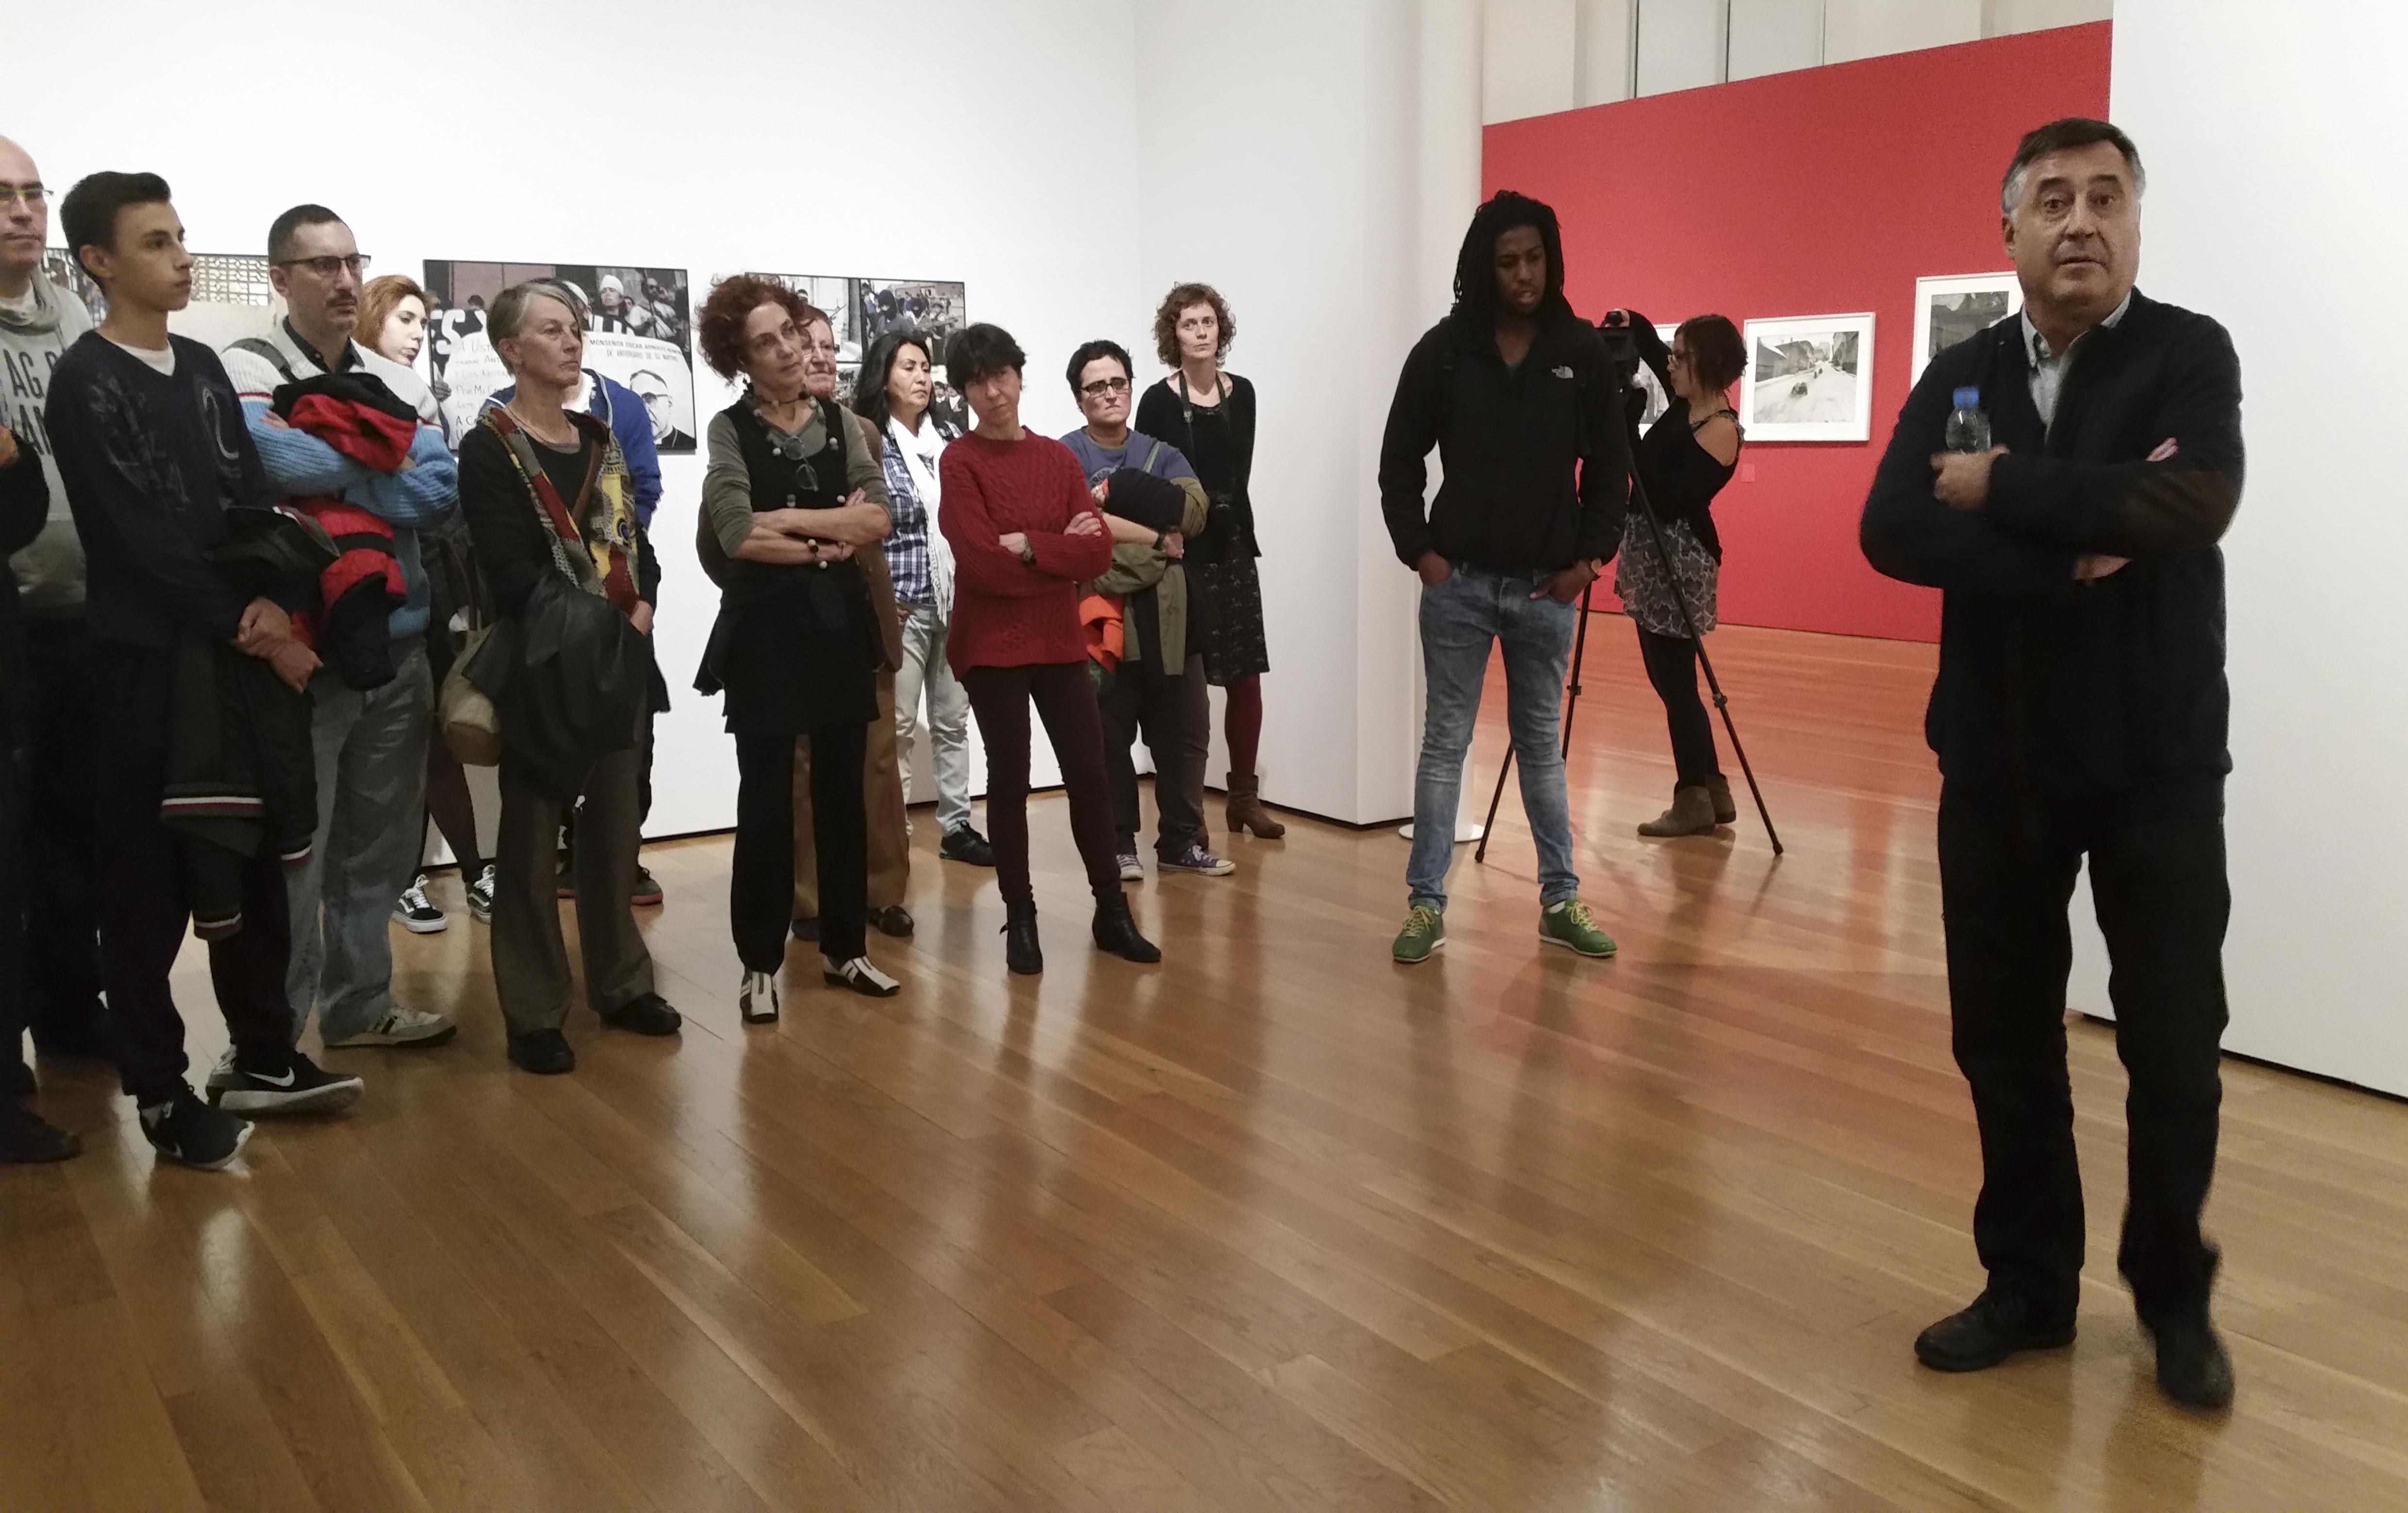 """Visita guiada exposició """"Antologia"""" a càrrec de Gervasio Sánchez. 10/12/15 Centre d'Art Tecla Sala"""